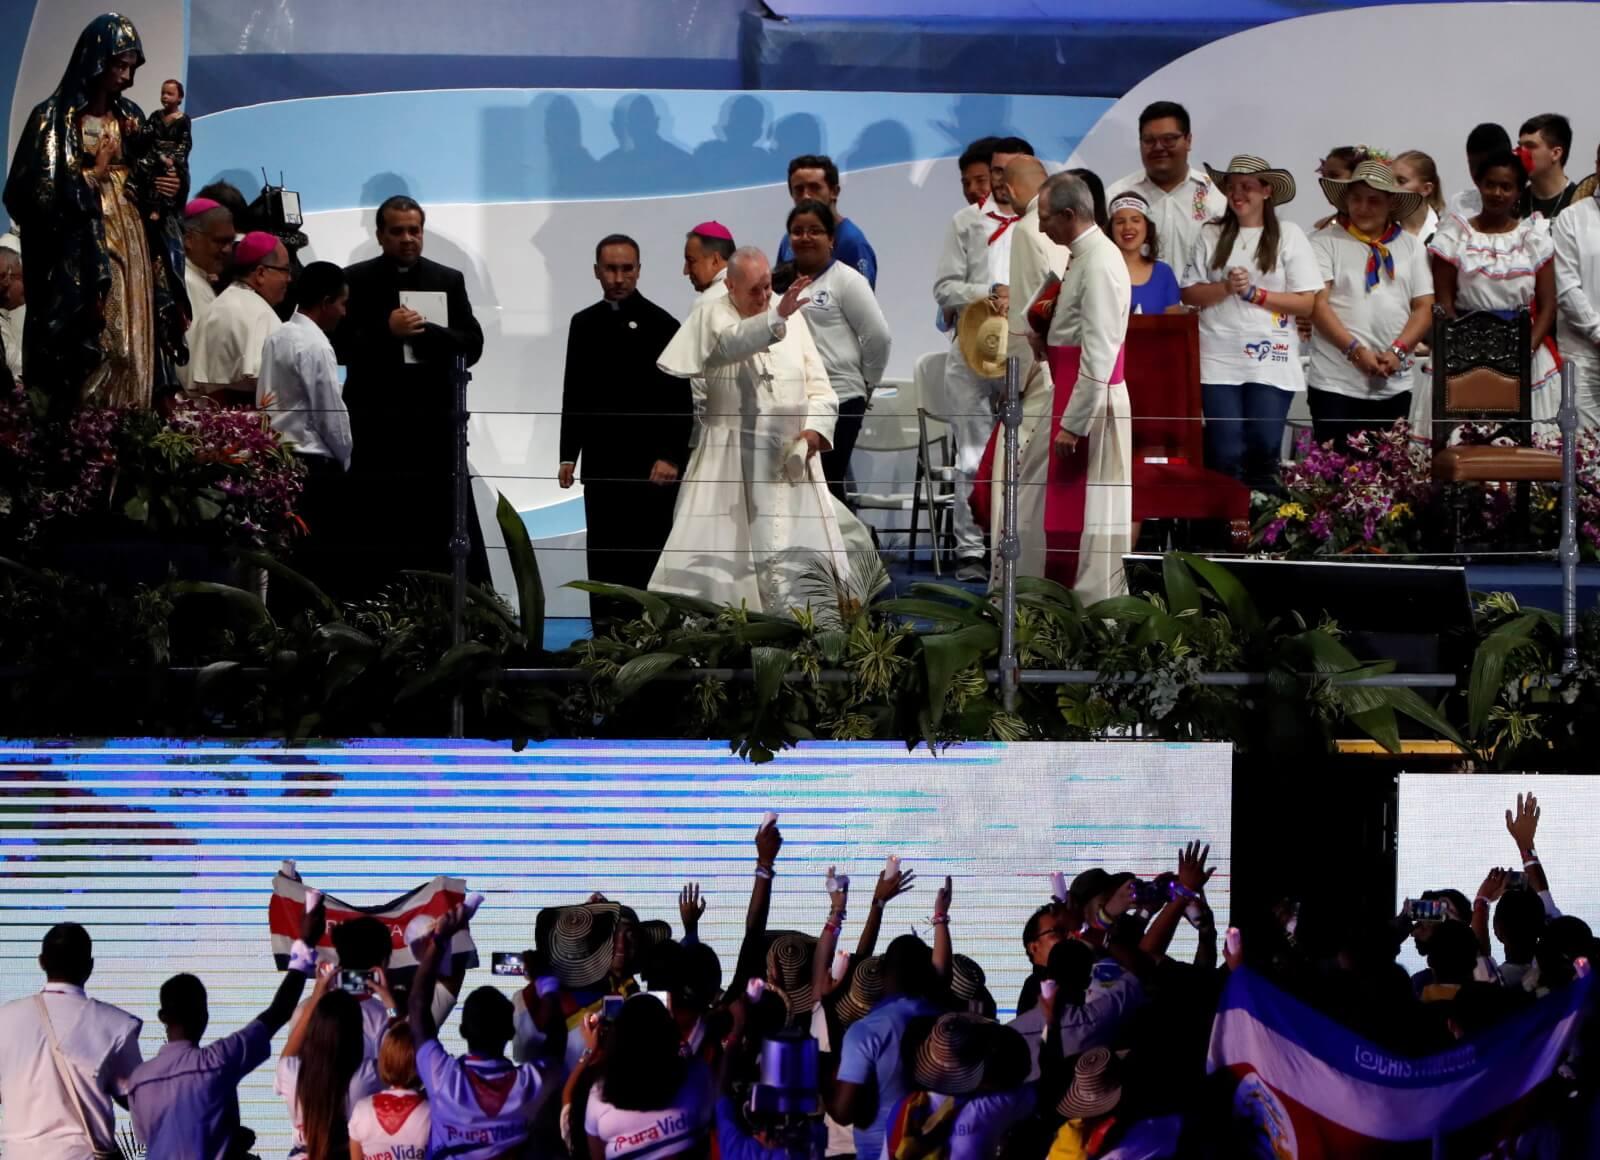 Papież Franciszek droga krzyżowa Panama 2019 Światowe Dni Młodzieży